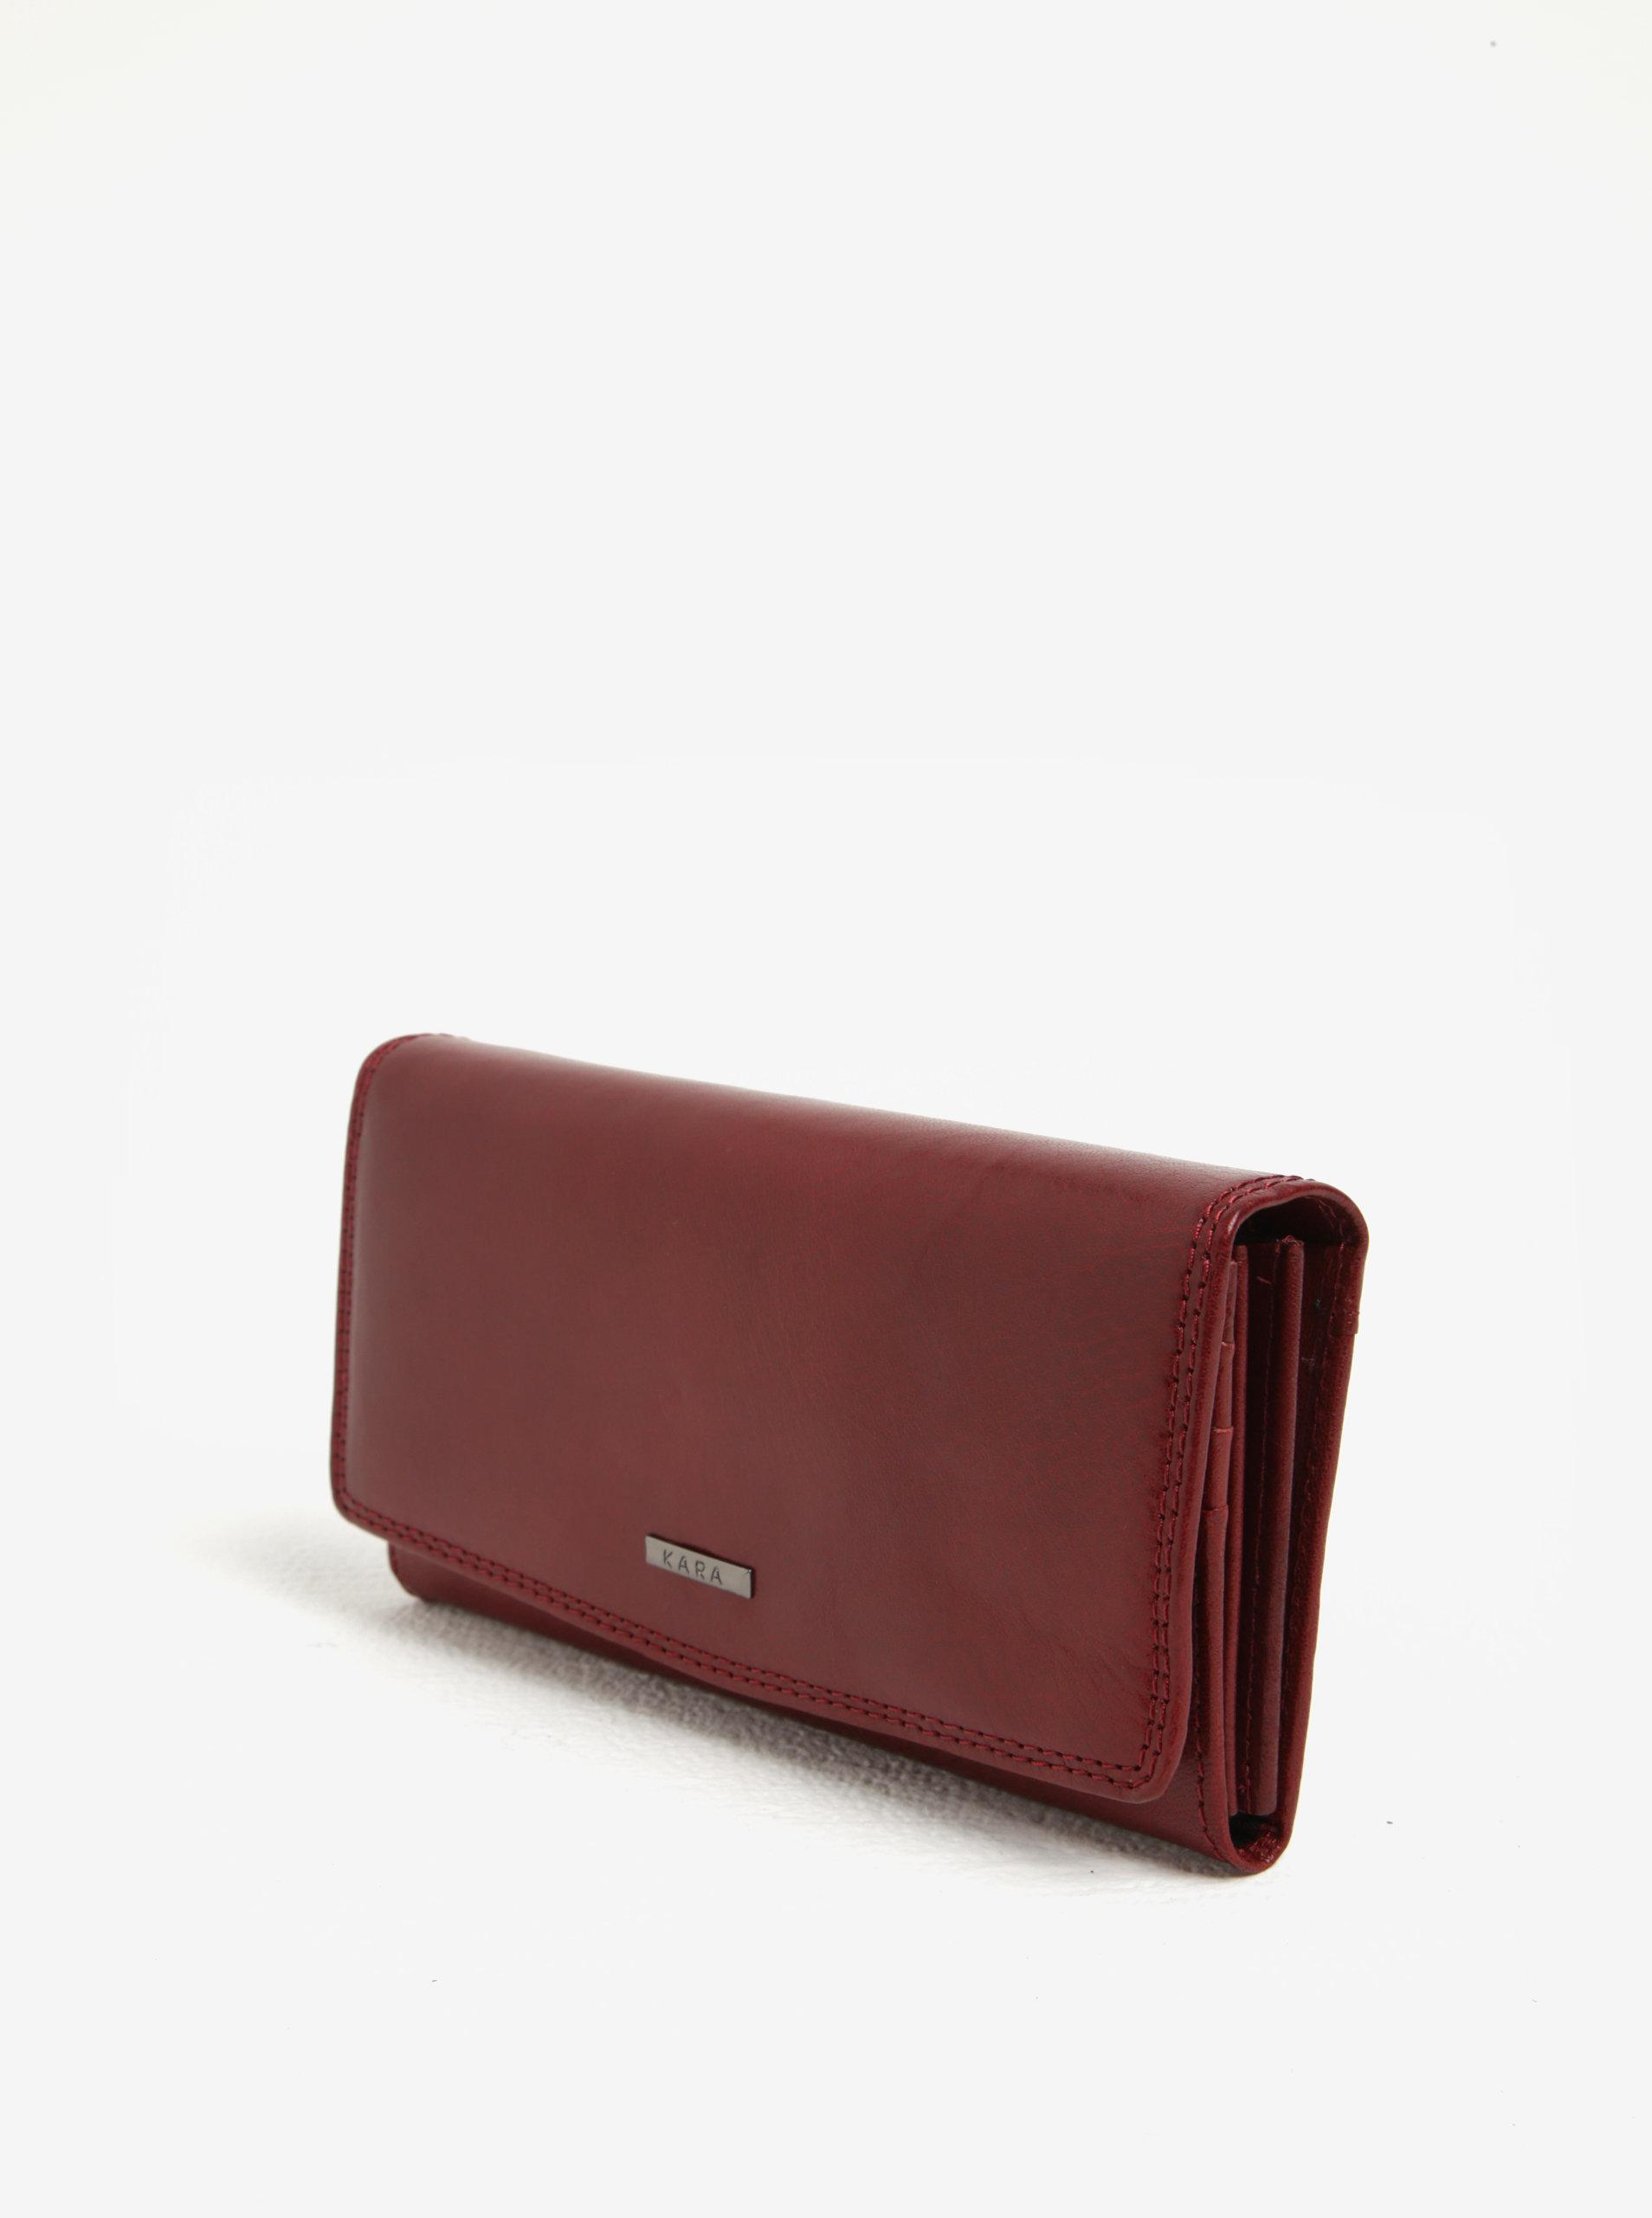 474b76a35735 Červená dámska kožená peňaženka KARA ...